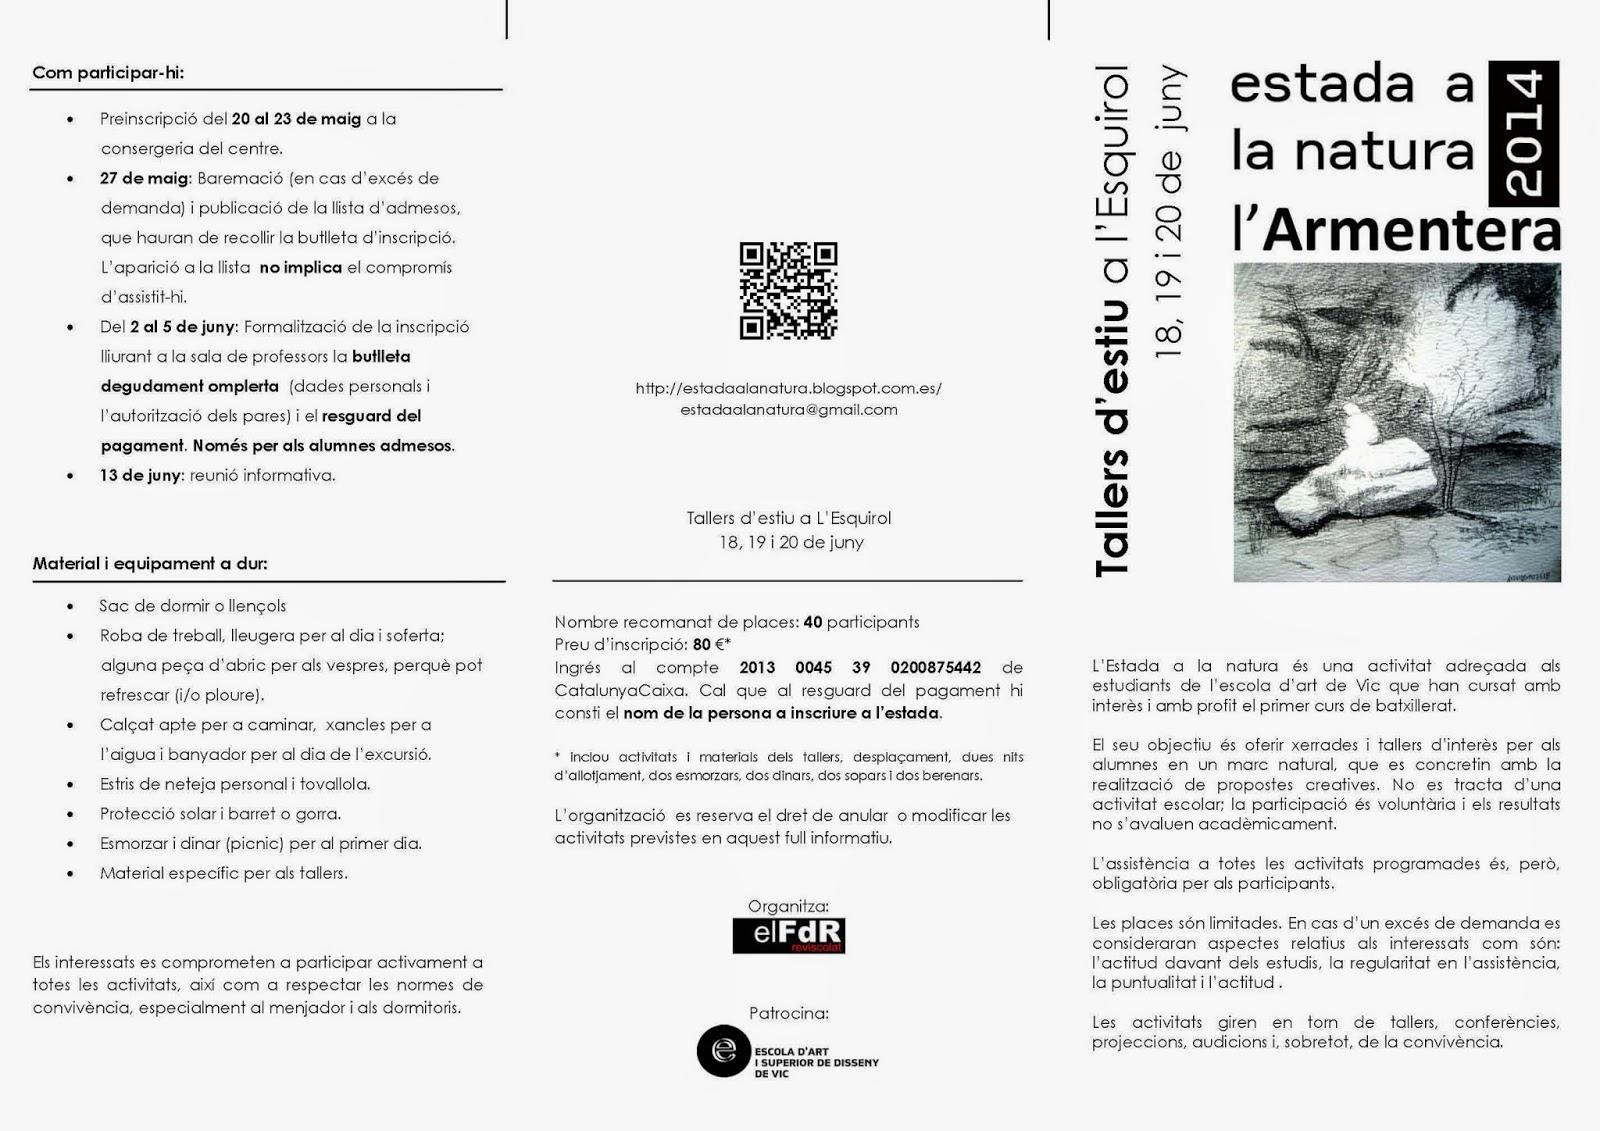 armentera-2014-batxillerat-escola-art-vic